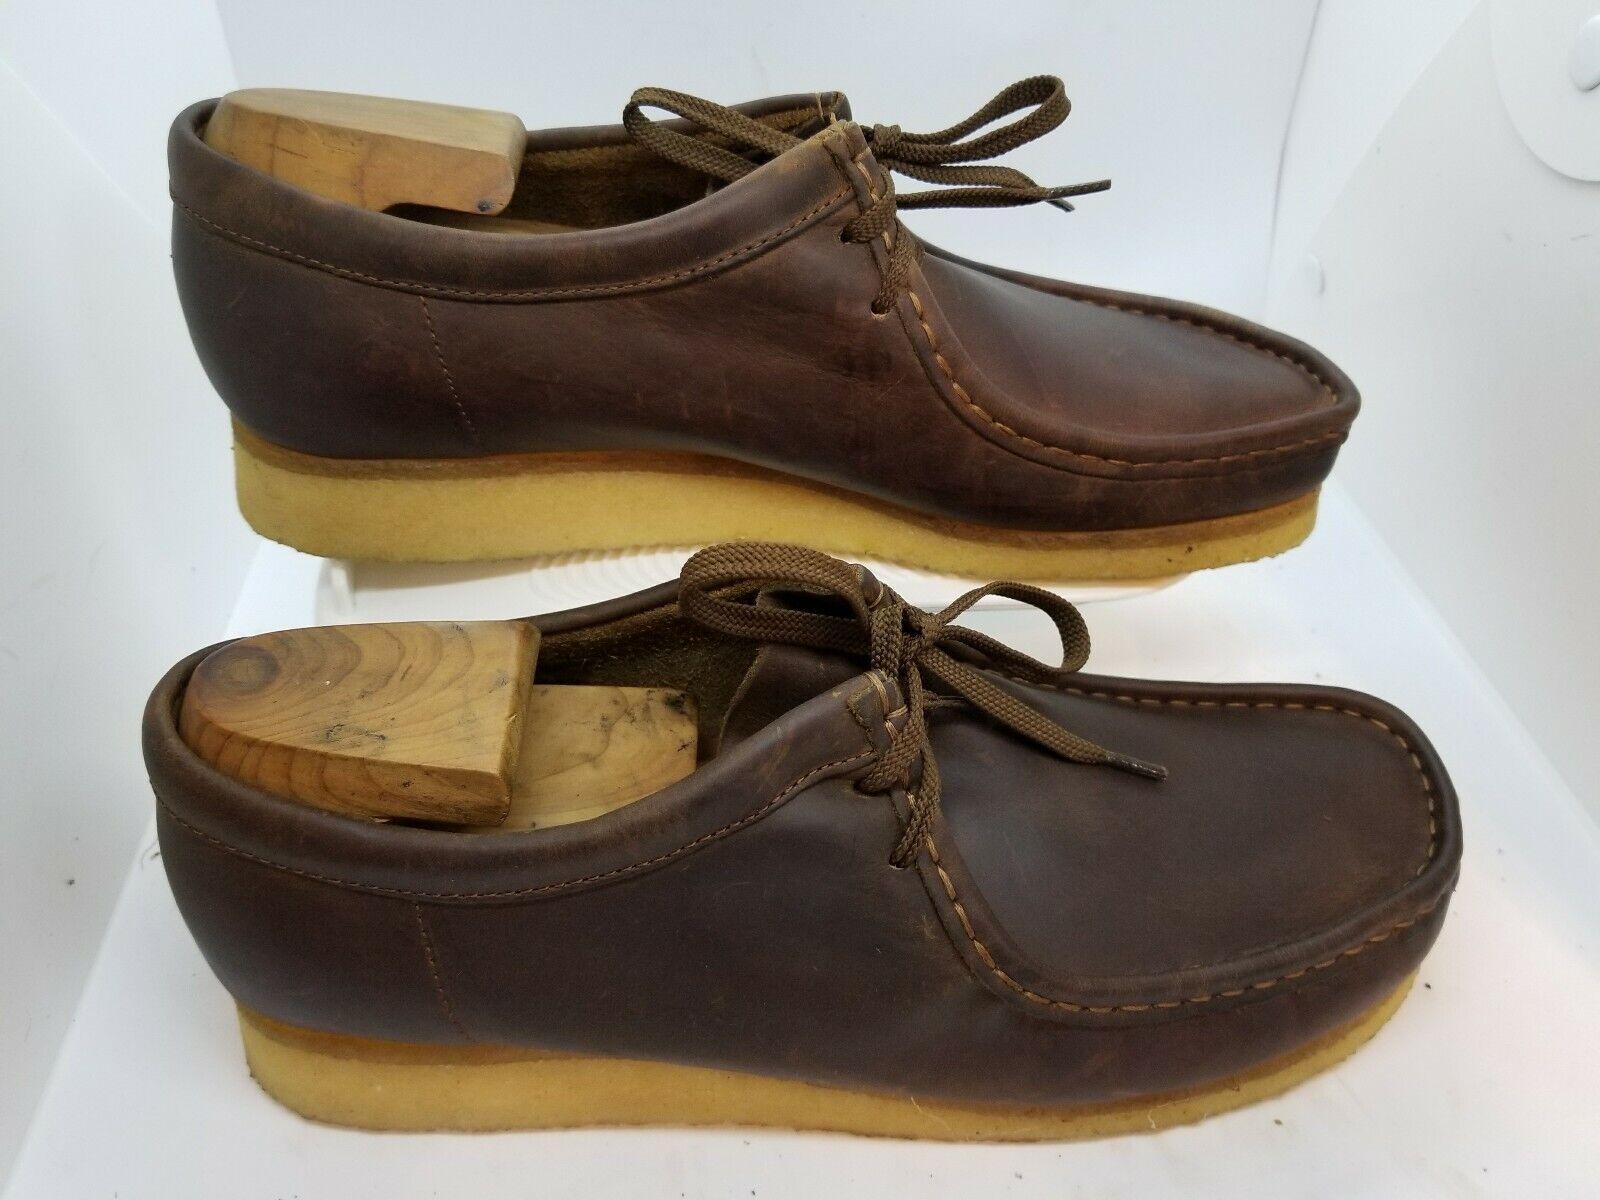 Rare Vestido Magnanni 37989 Hombres cuero marrón suela de crepé hombres natural zapatos talla 10.5